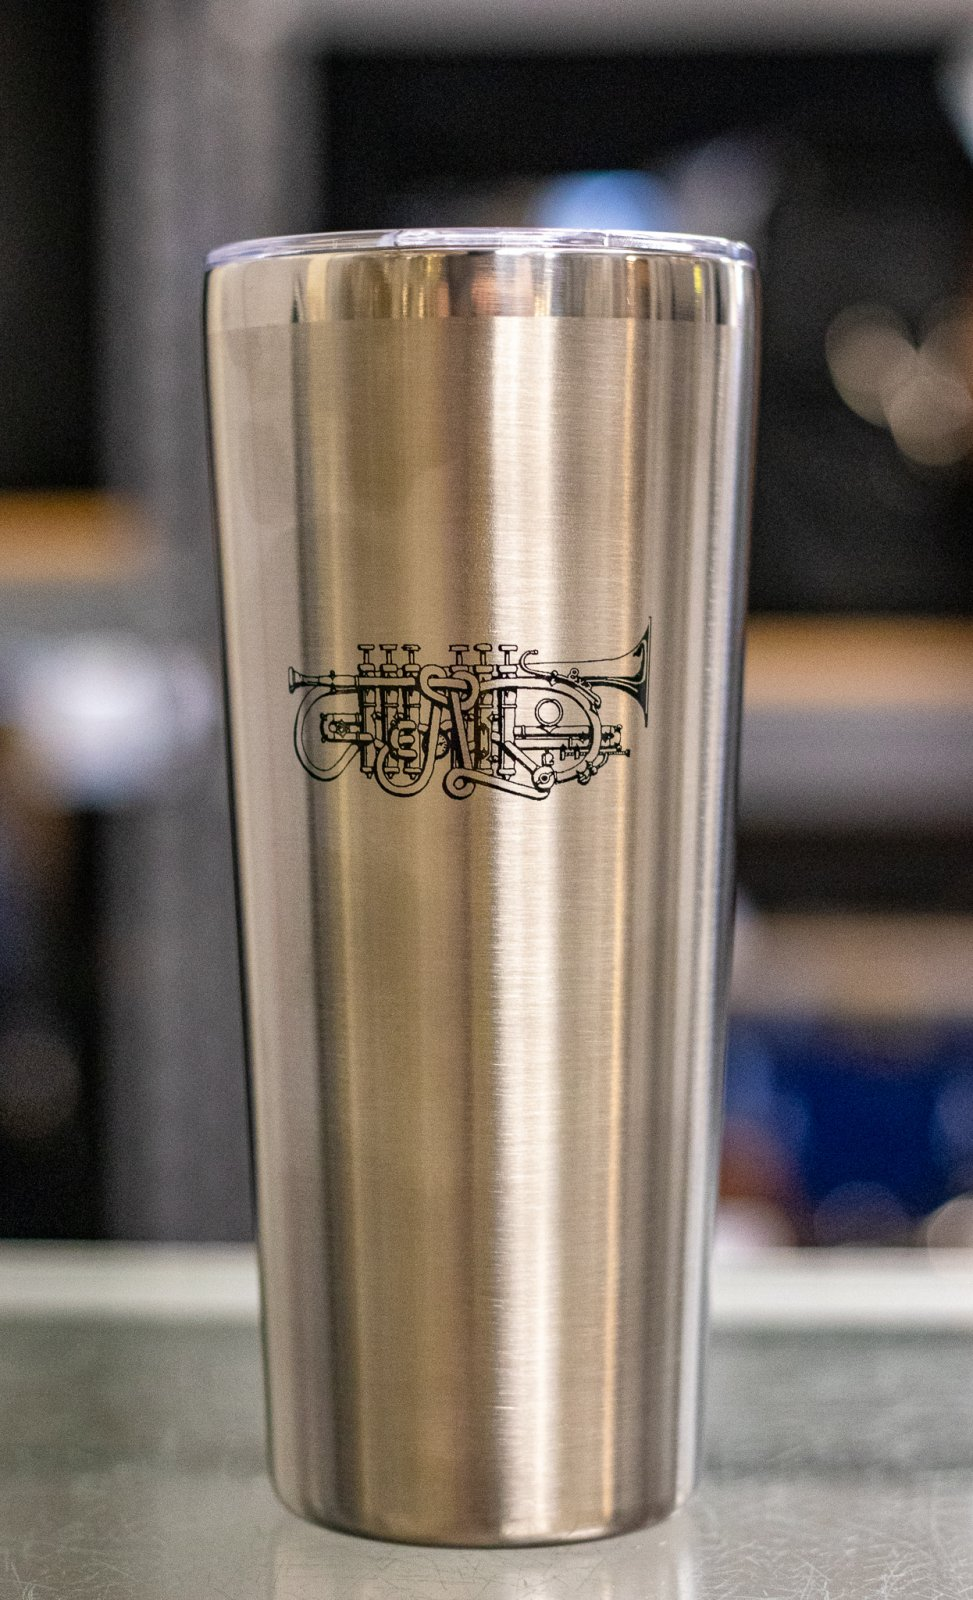 JLB Stainless Steel Travel Mug